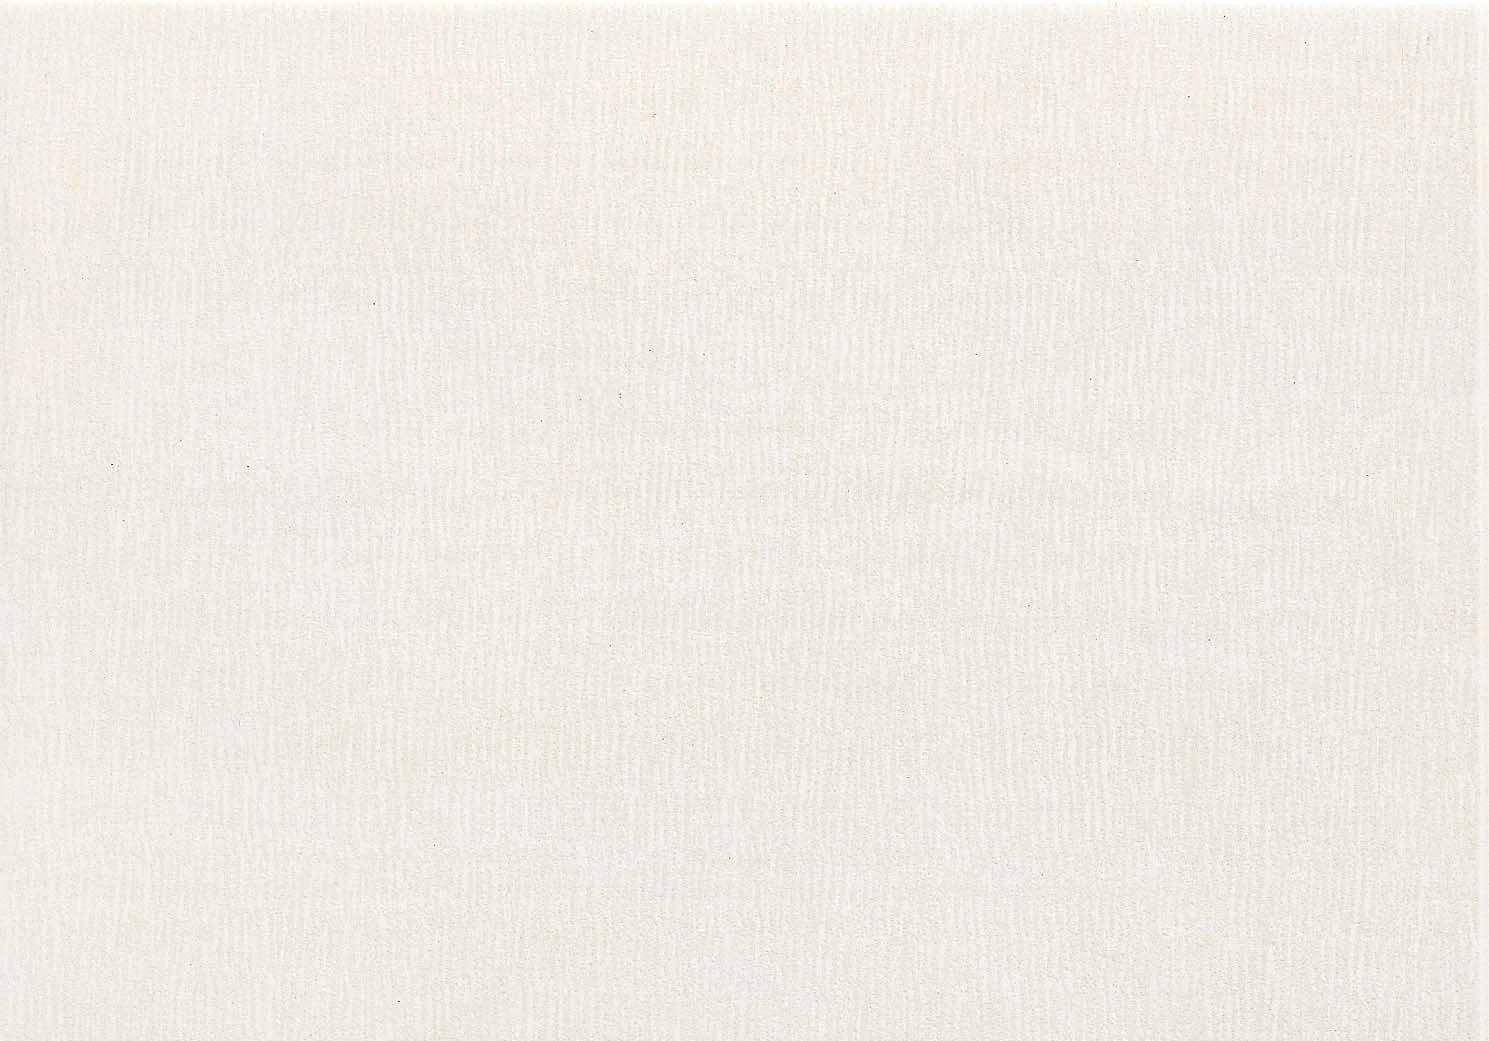 应牌瓷砖爱丽舍时尚内墙砖M3K-E1301M3K-E1301